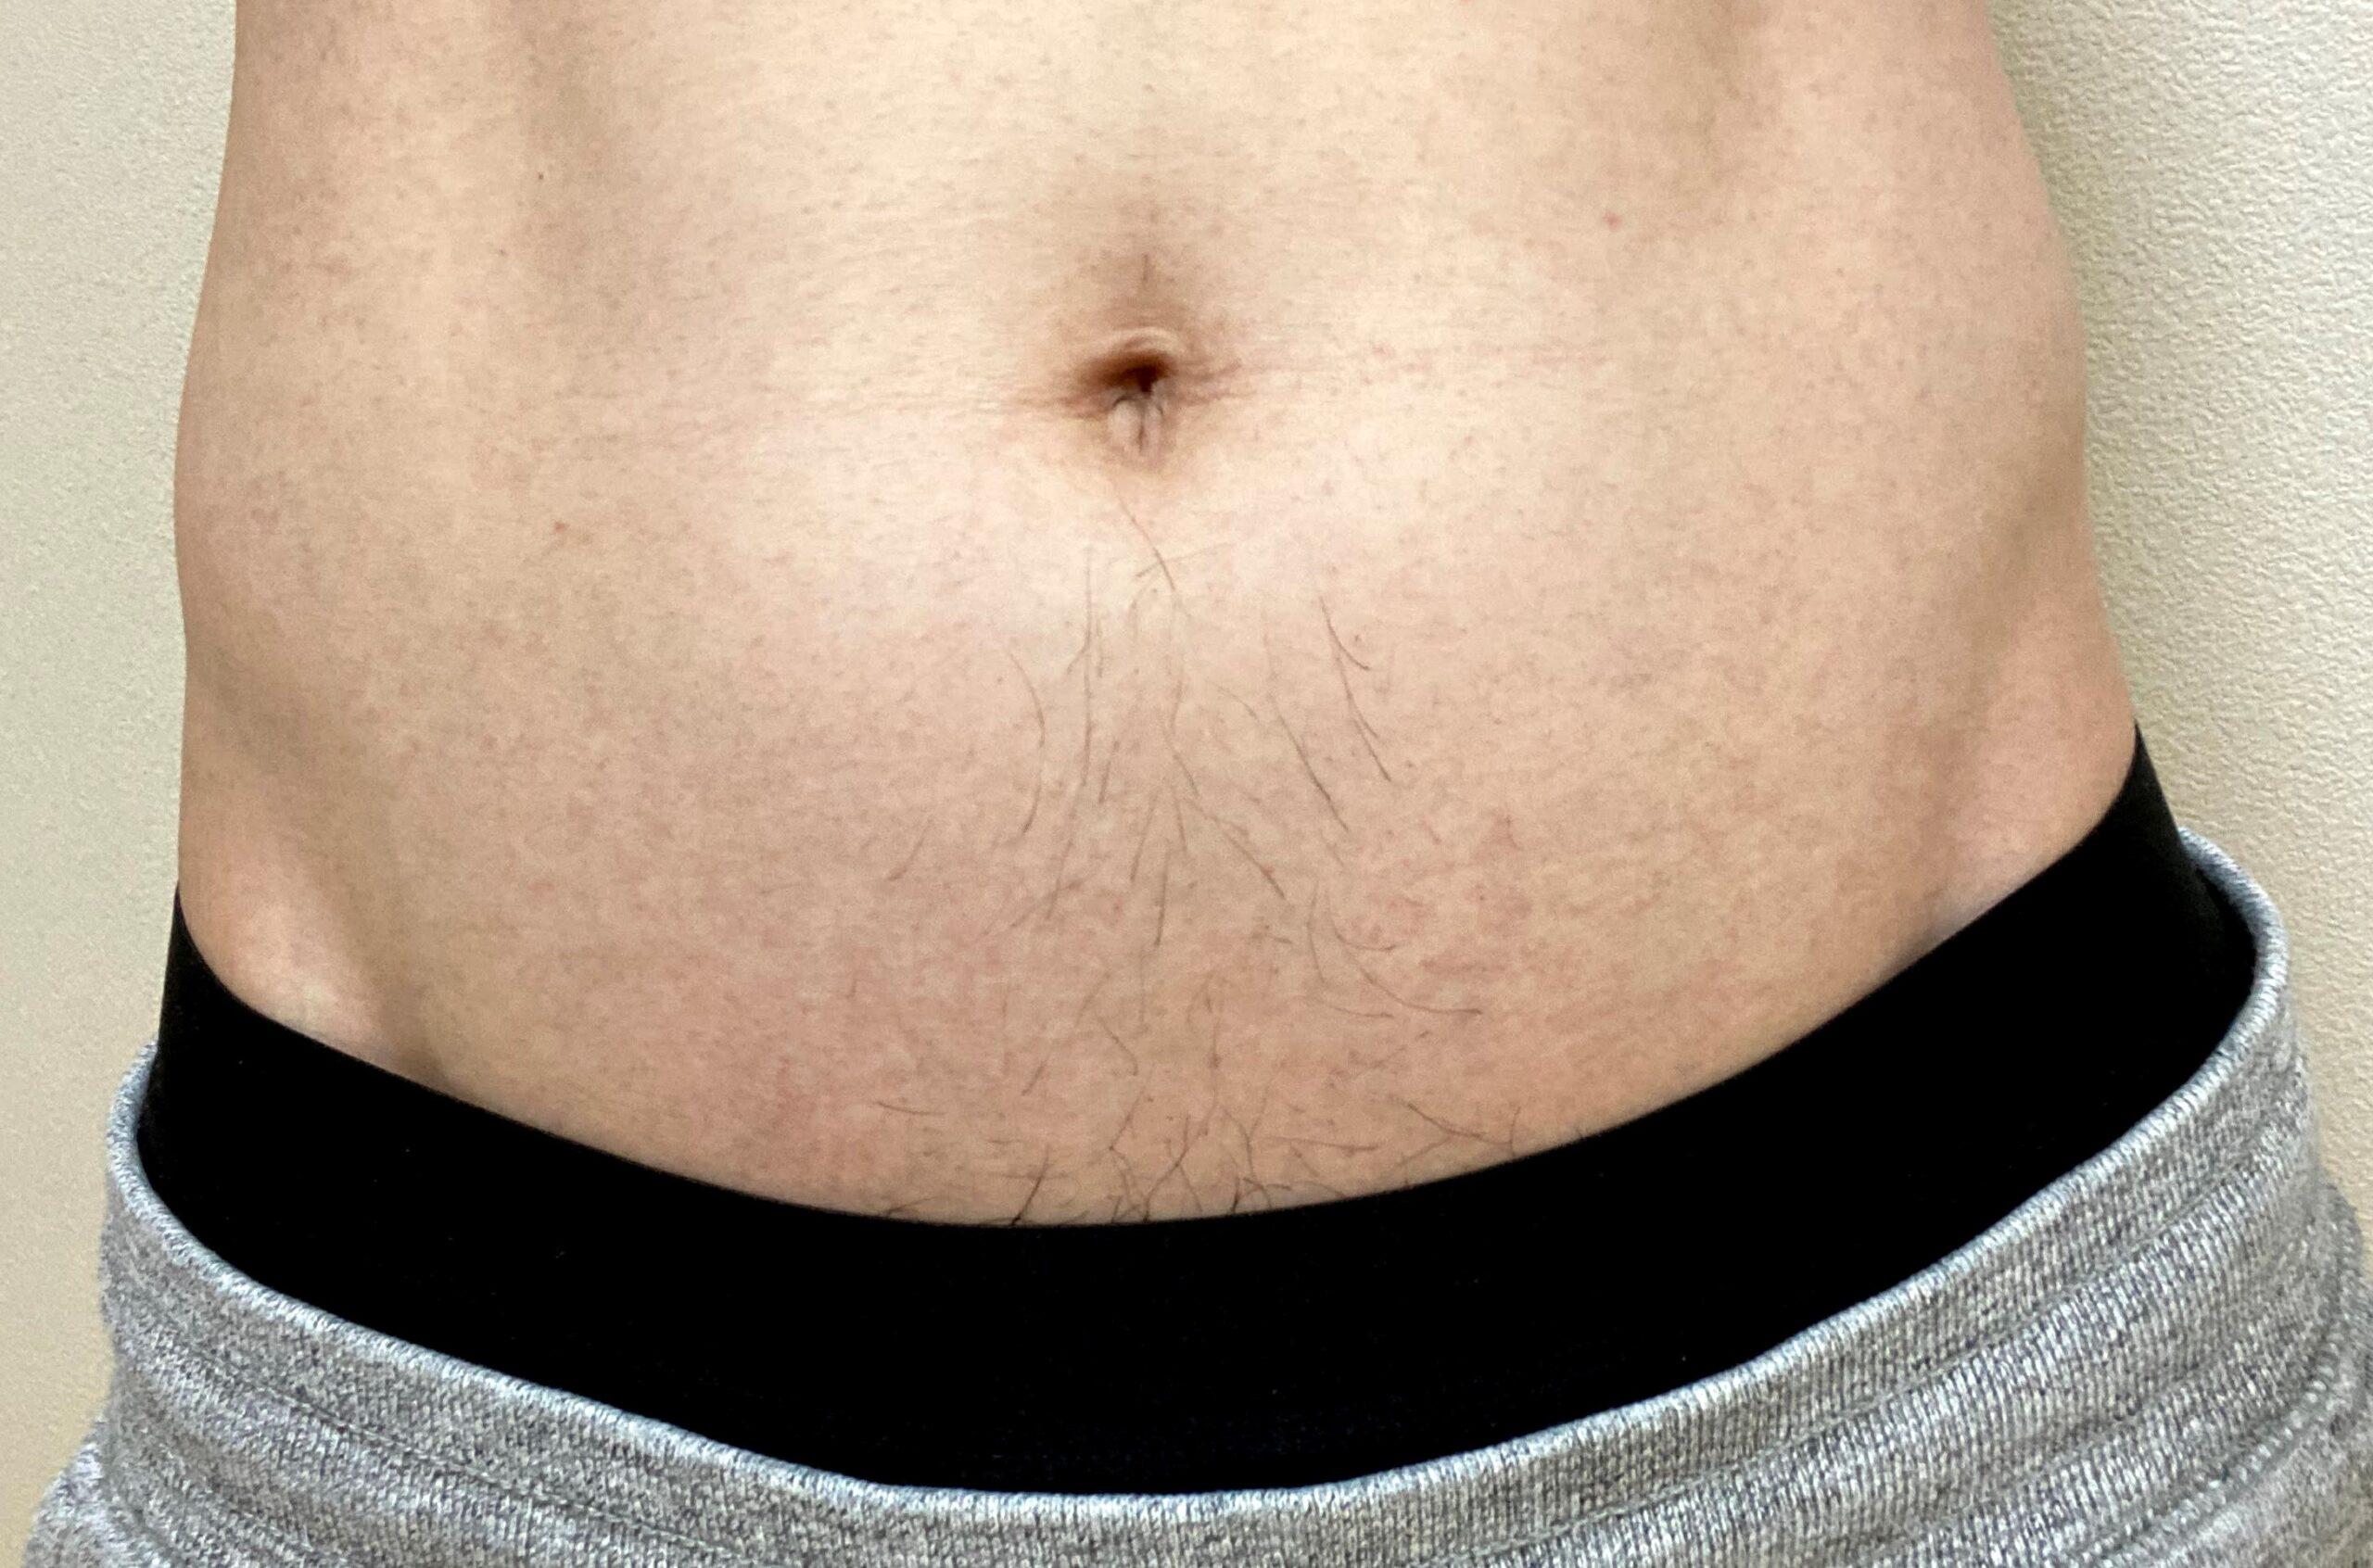 男の全身脱毛1回目2カ月後の腹